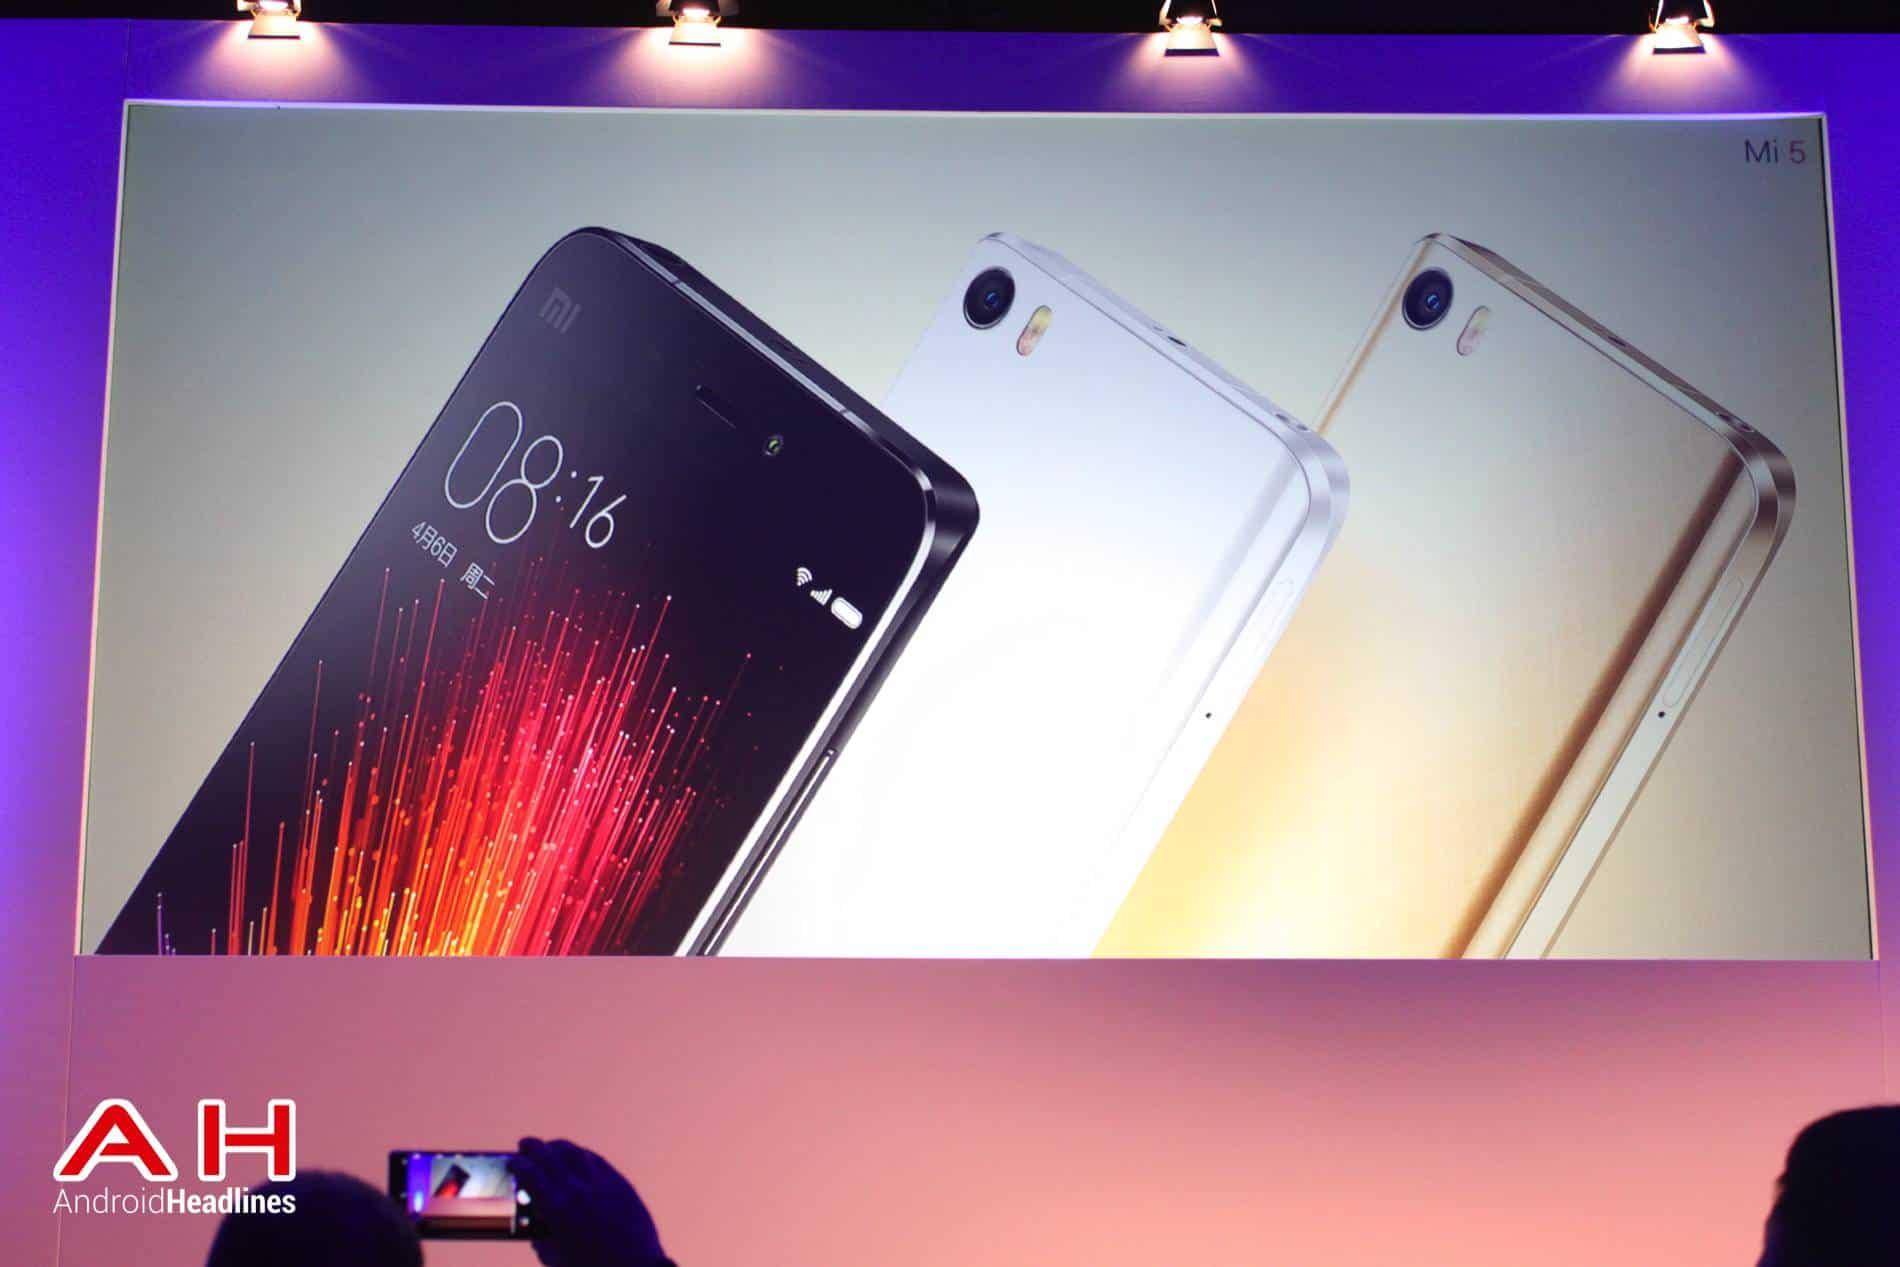 Xiaomi Mi 5 MWC AH 13